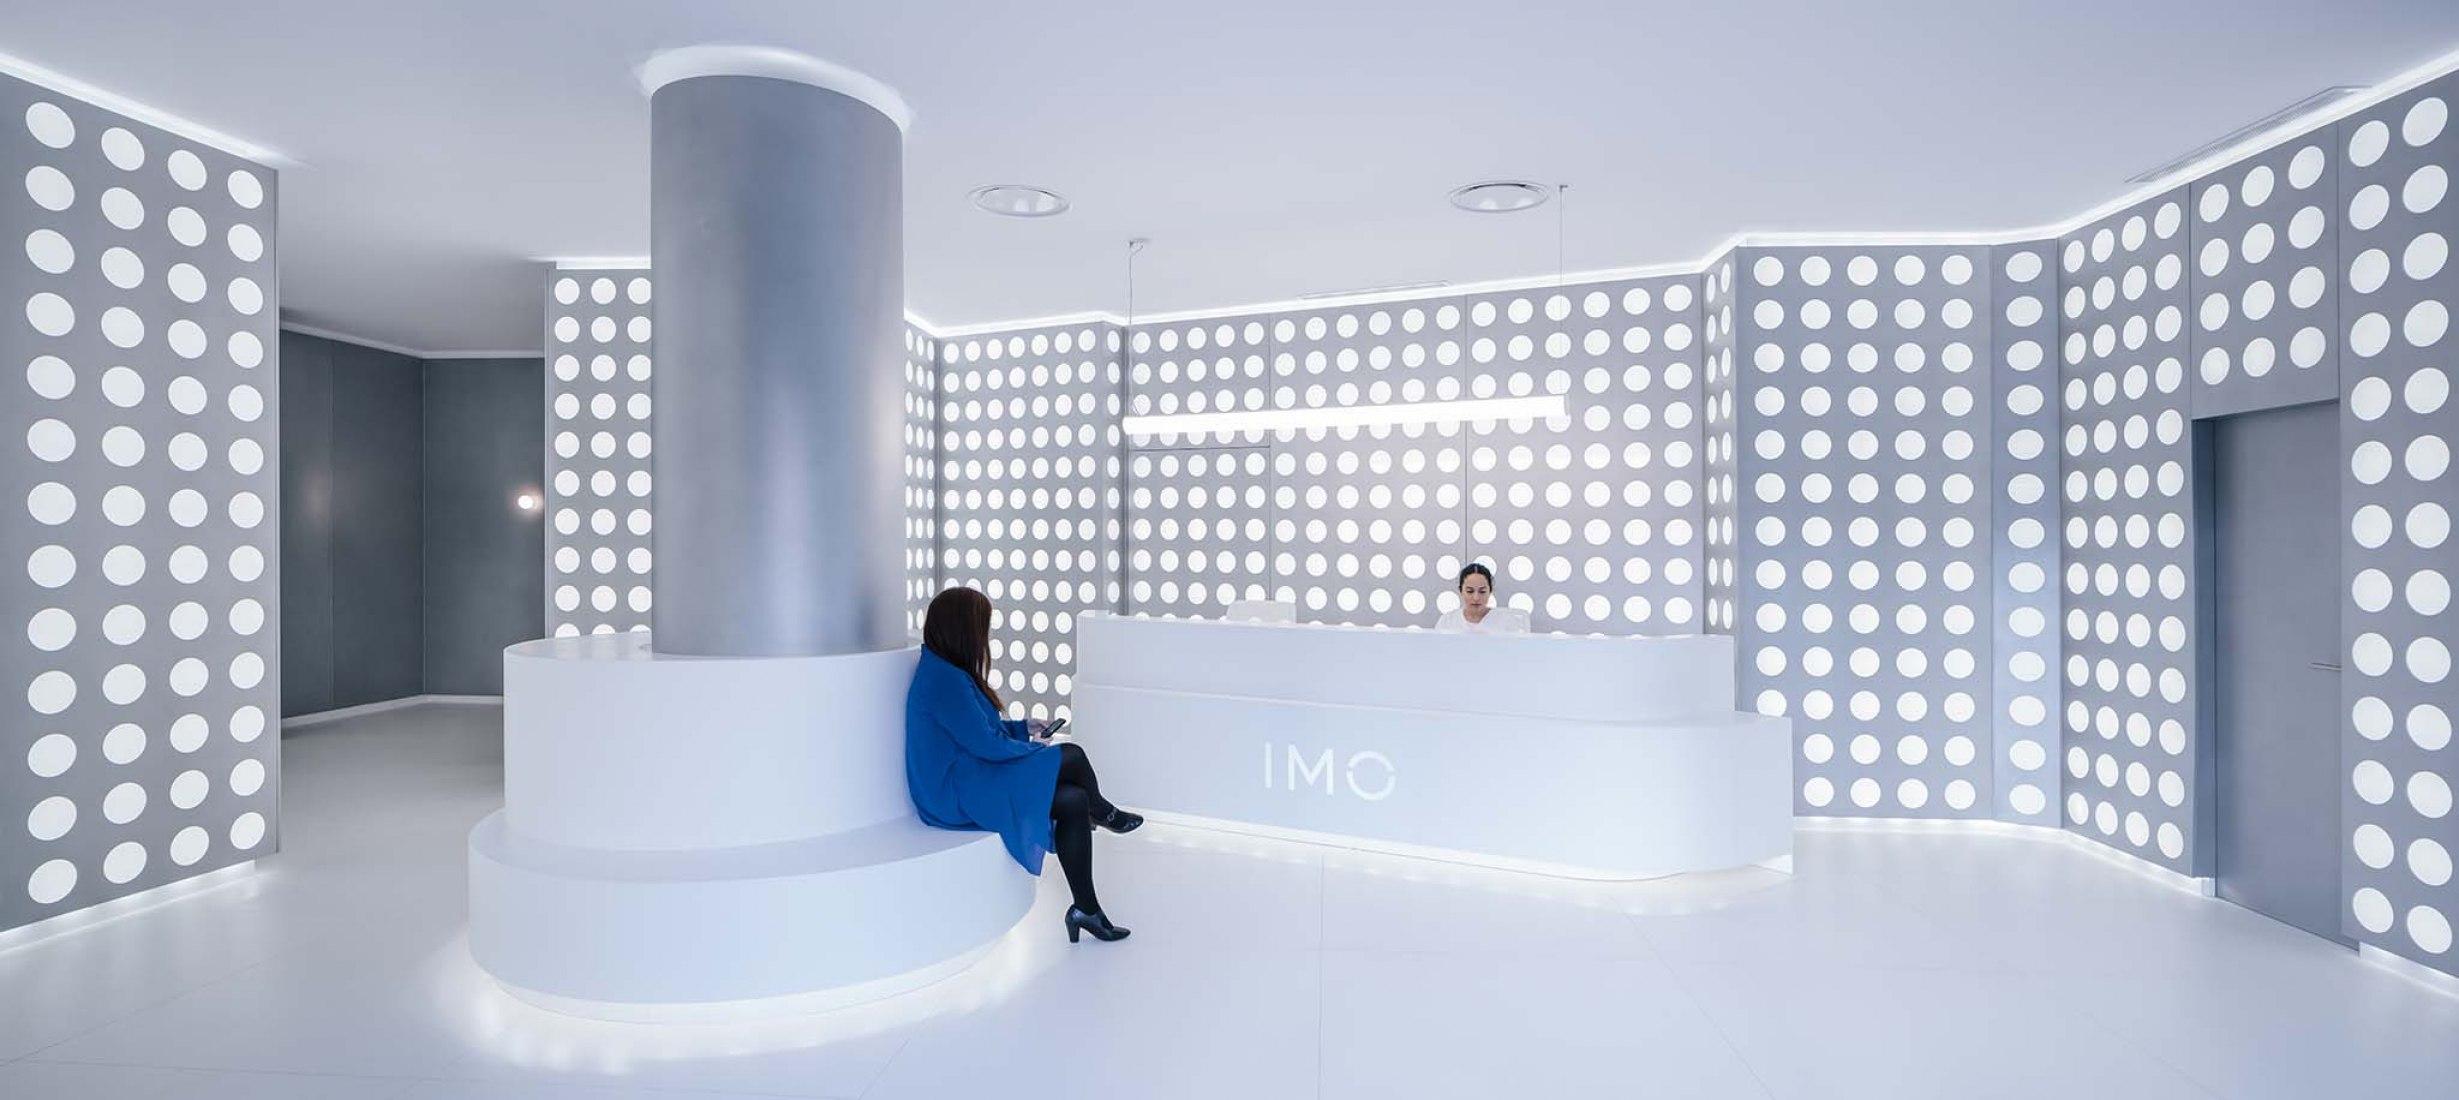 OCULUM, vestíbulo del Instituto de Microcirugía Ocular de Mirasierra por gon architects. Fotografía por Imagen Subliminal.